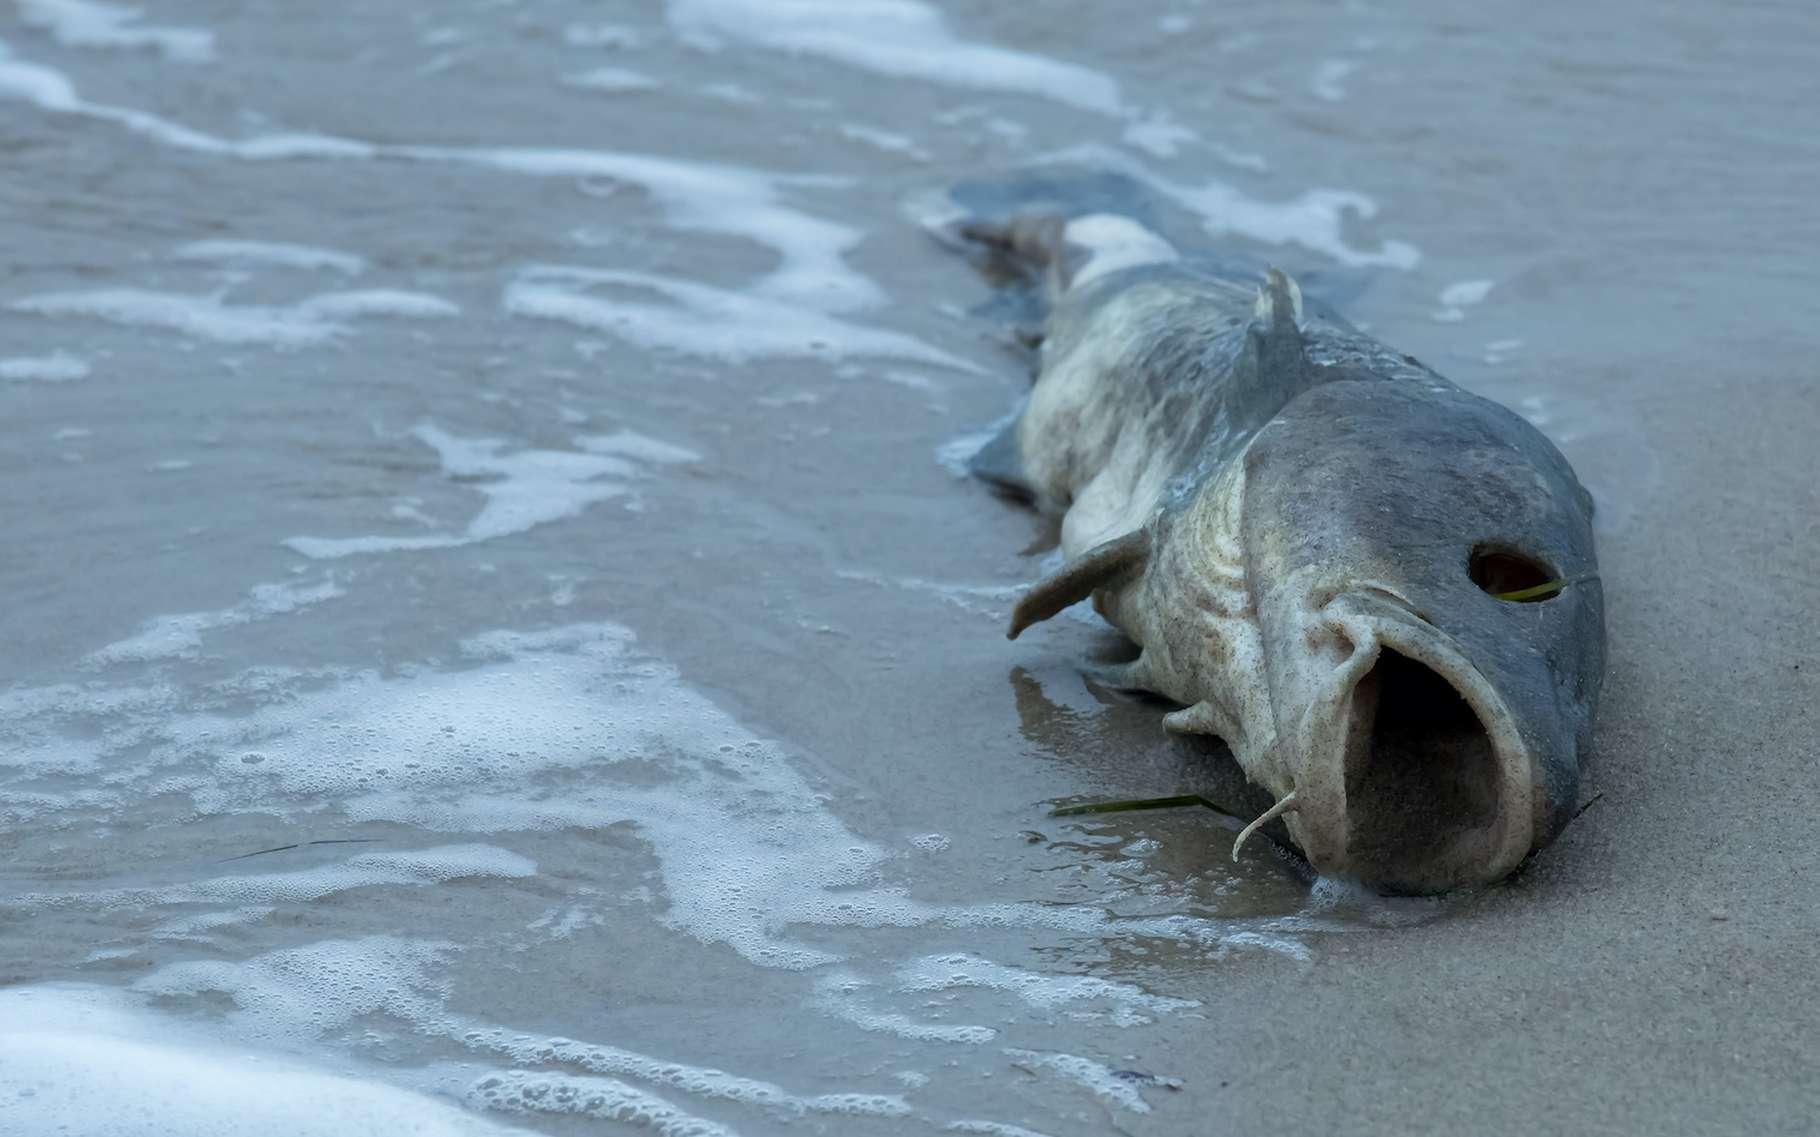 Des chercheurs de l'université du Connecticut (États-Unis) montrent comment des algues et des bactéries toxiques ont proliféré dans les eaux au moment de l'extinction de masse du Permien-Trias. L'histoire pourrait être en train de se répéter. © Rainer Fuhrmann, Adobe Stock